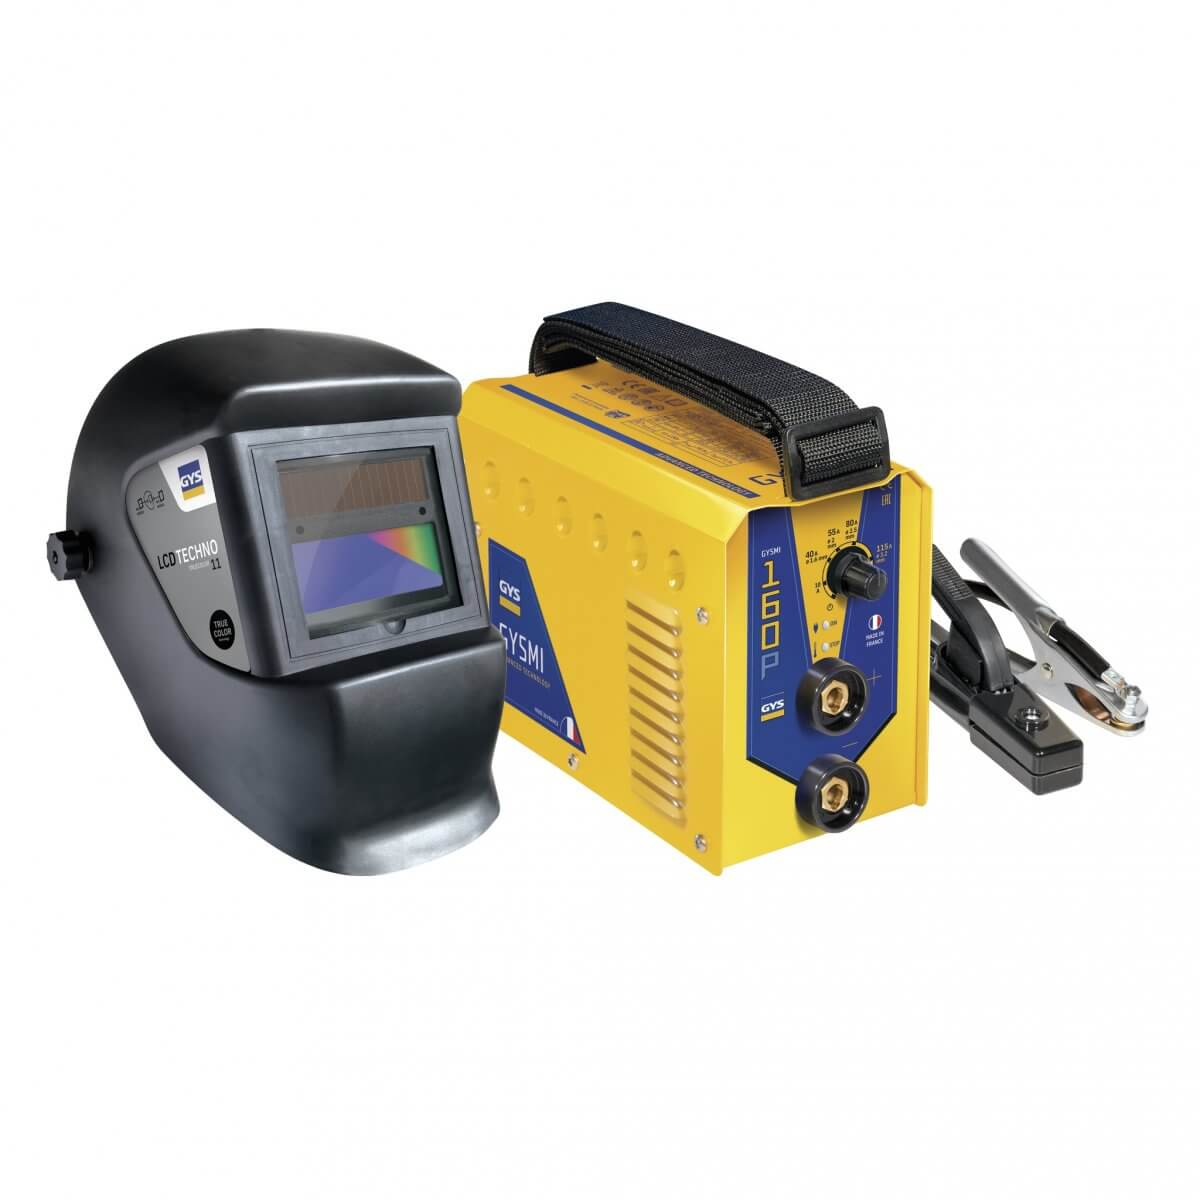 Poste à souder GYSMI 160P - Livré avec masque LCD TECHNO 11 - TRUE COLOR - GYS